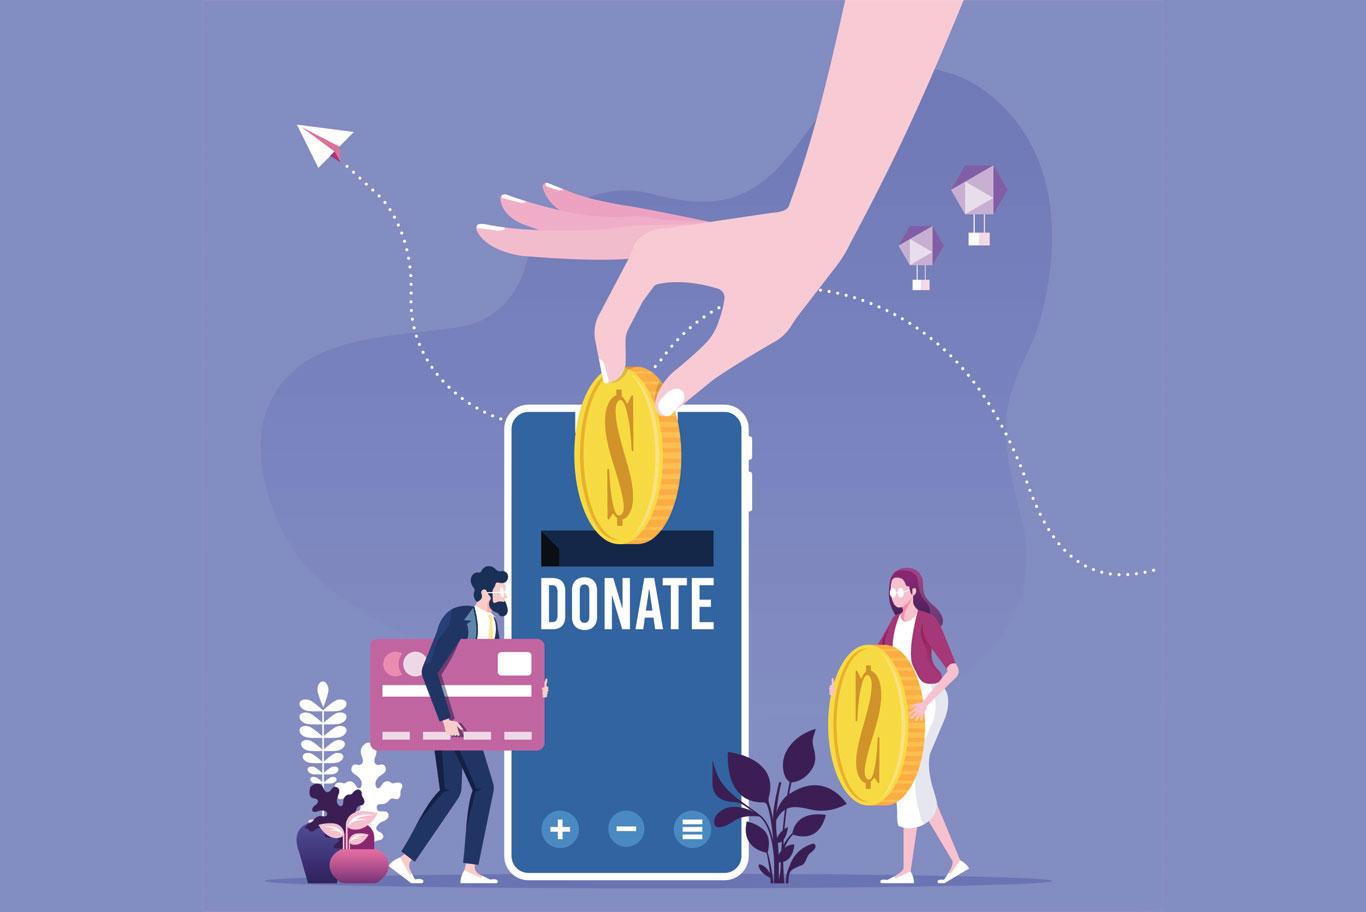 fundraising event website